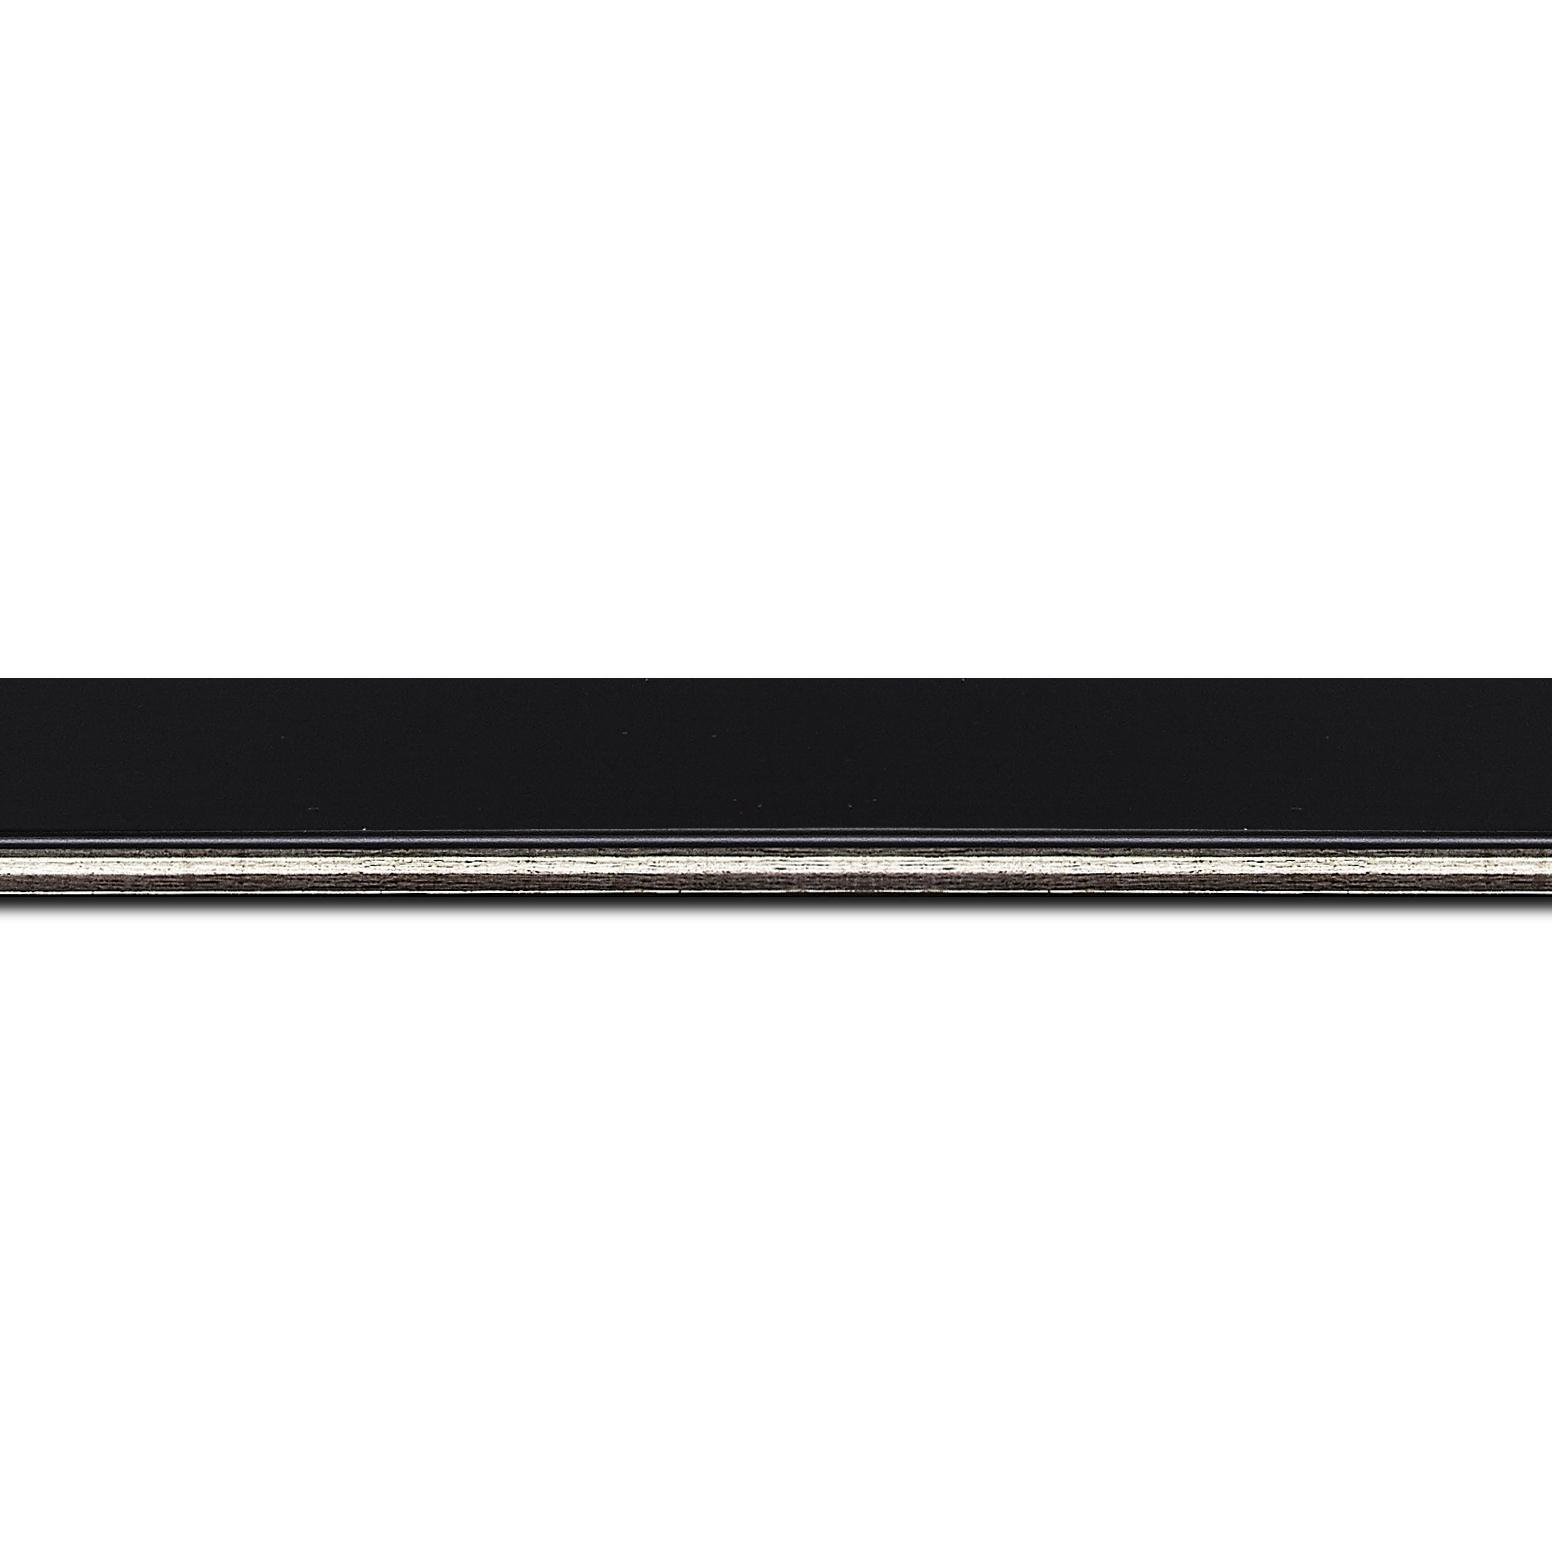 Pack par 12m, bois profil plat largeur 2.5cm couleur noir finition pore bouché filet argent(longueur baguette pouvant varier entre 2.40m et 3m selon arrivage des bois)